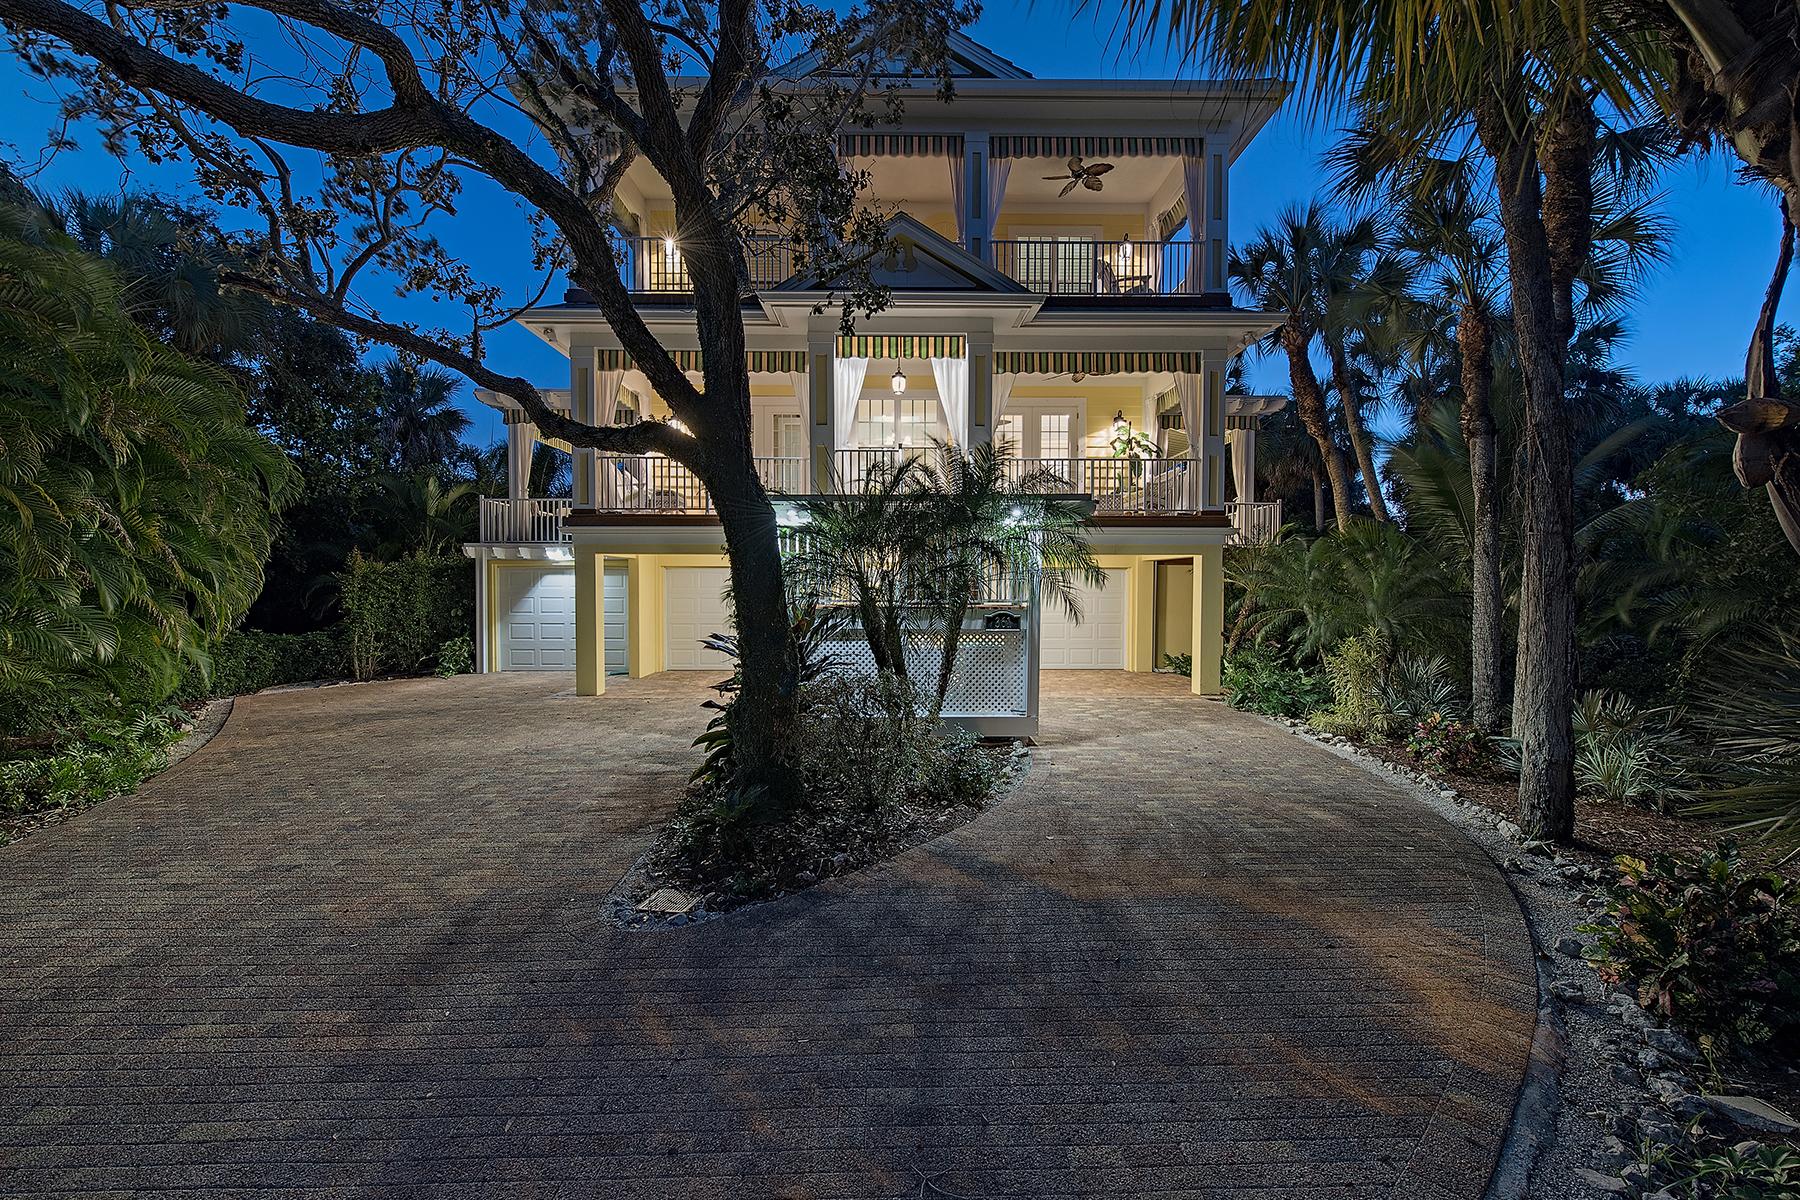 独户住宅 为 销售 在 MARCO ISLAND 361 Periwinkle Ct 马可岛, 佛罗里达州, 34145 美国